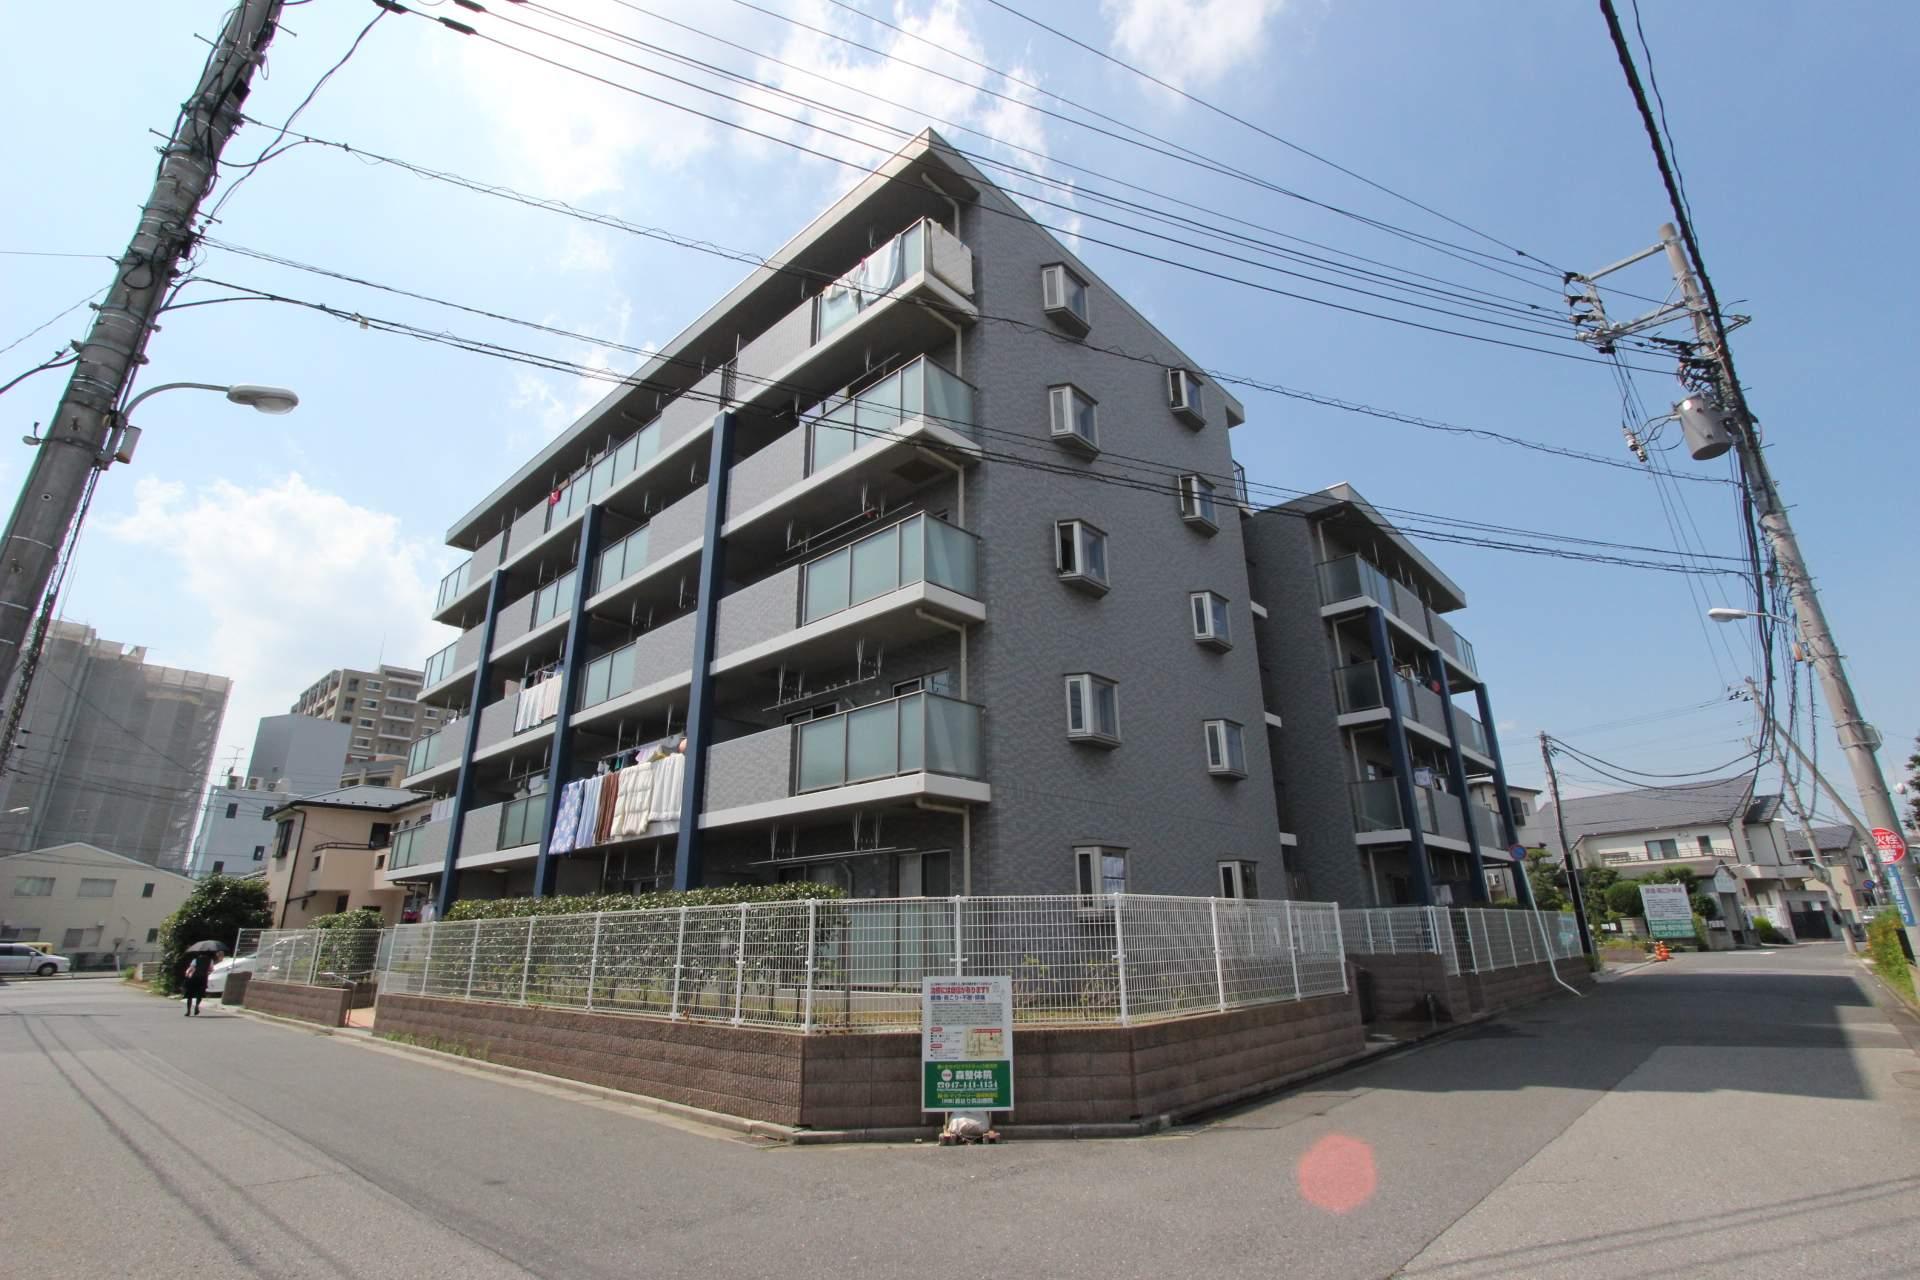 千葉県鎌ケ谷市、新鎌ヶ谷駅徒歩23分の築6年 5階建の賃貸マンション